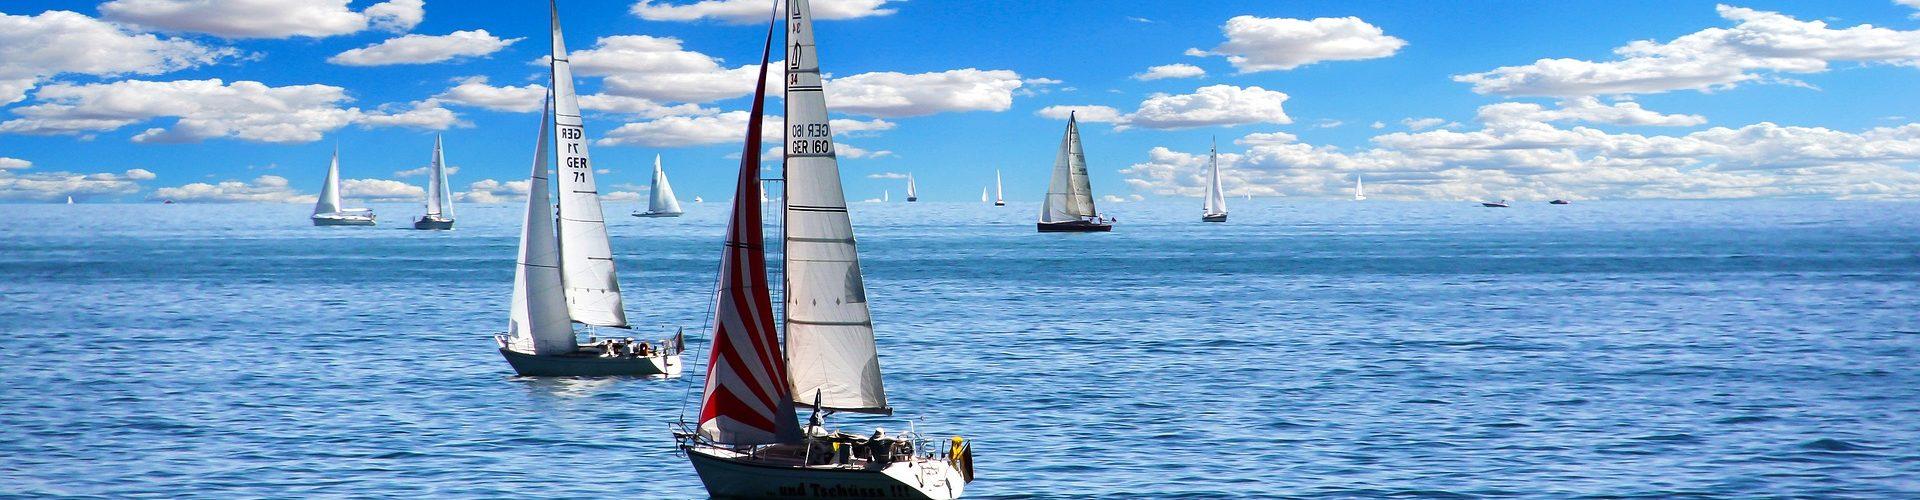 segeln lernen in Riegsee segelschein machen in Riegsee 1920x500 - Segeln lernen in Riegsee